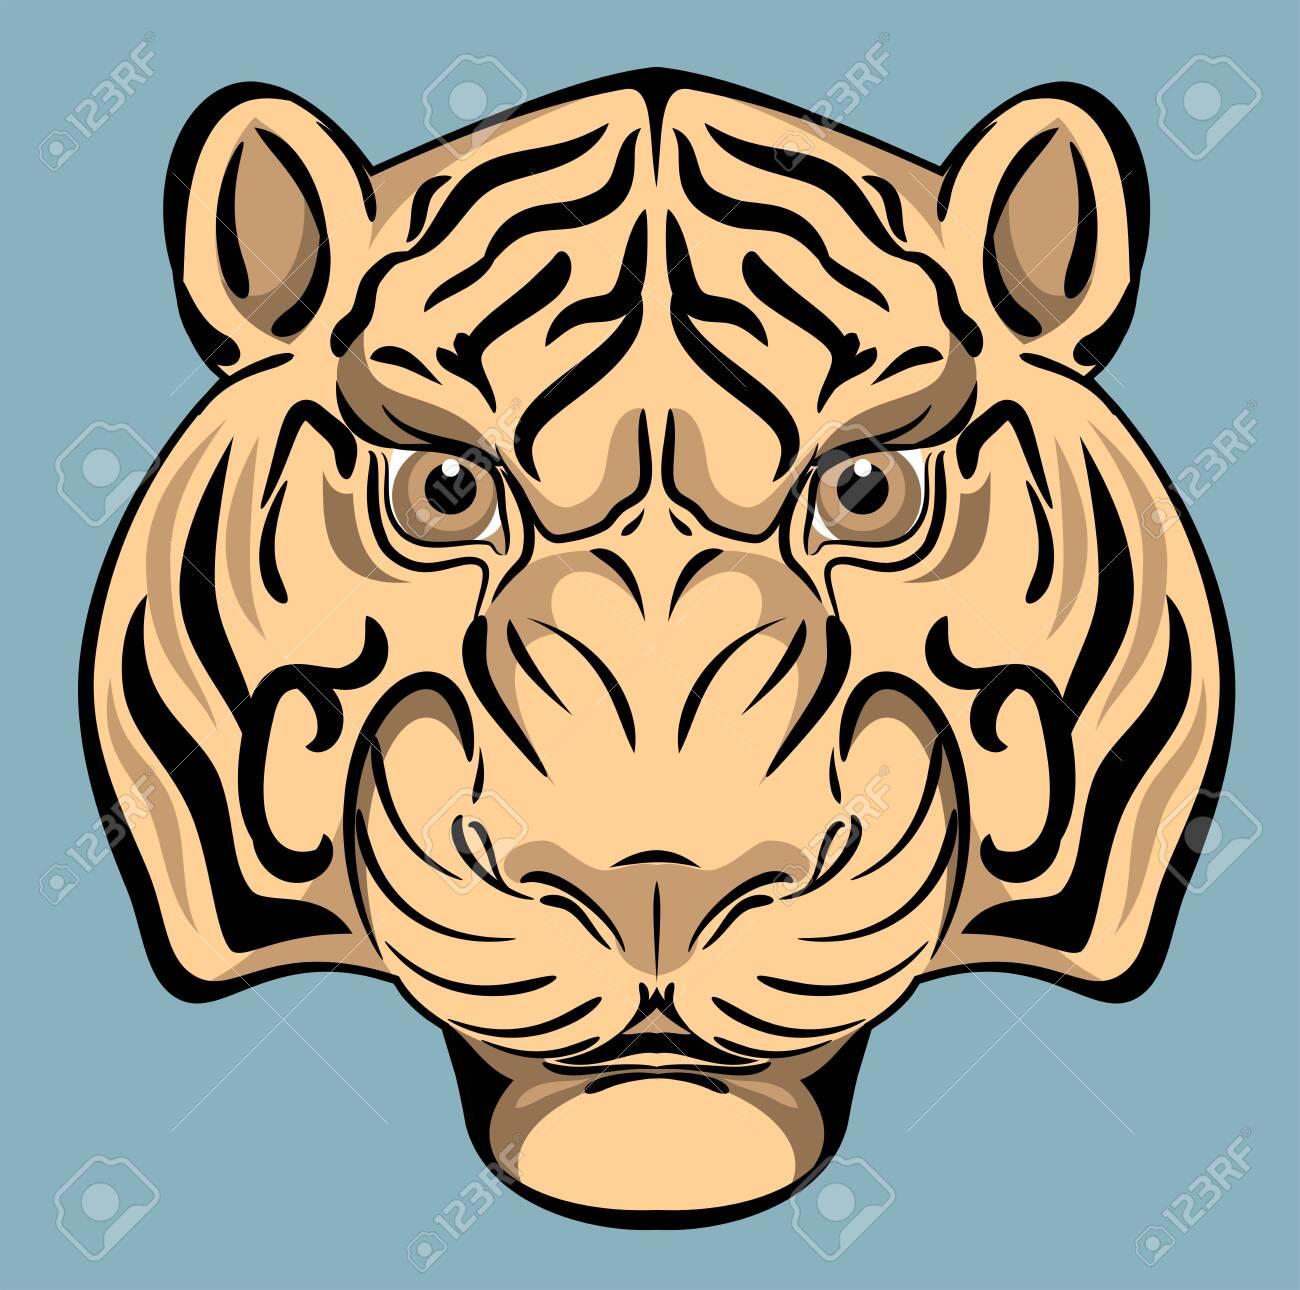 Tiger portrait - 130864039